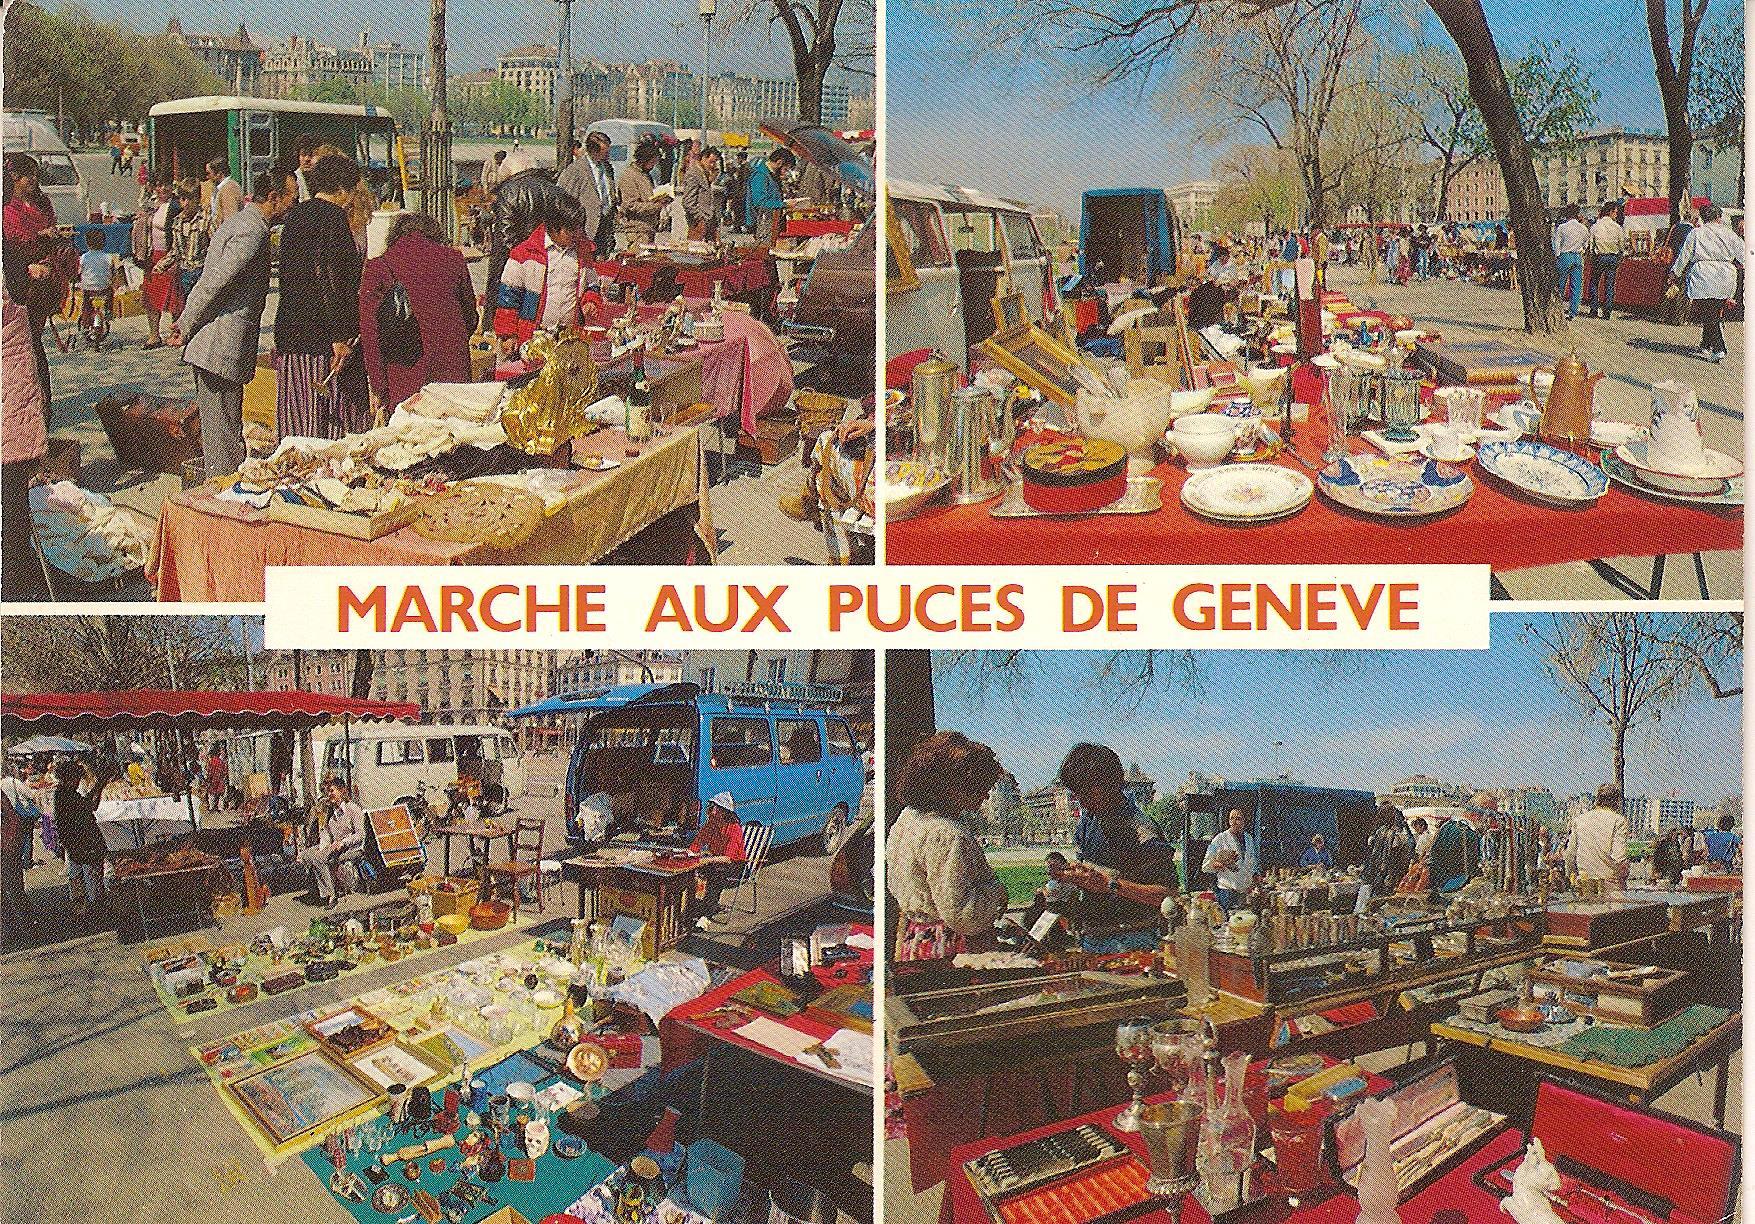 Marché aux puces de Plainpalais en 1980